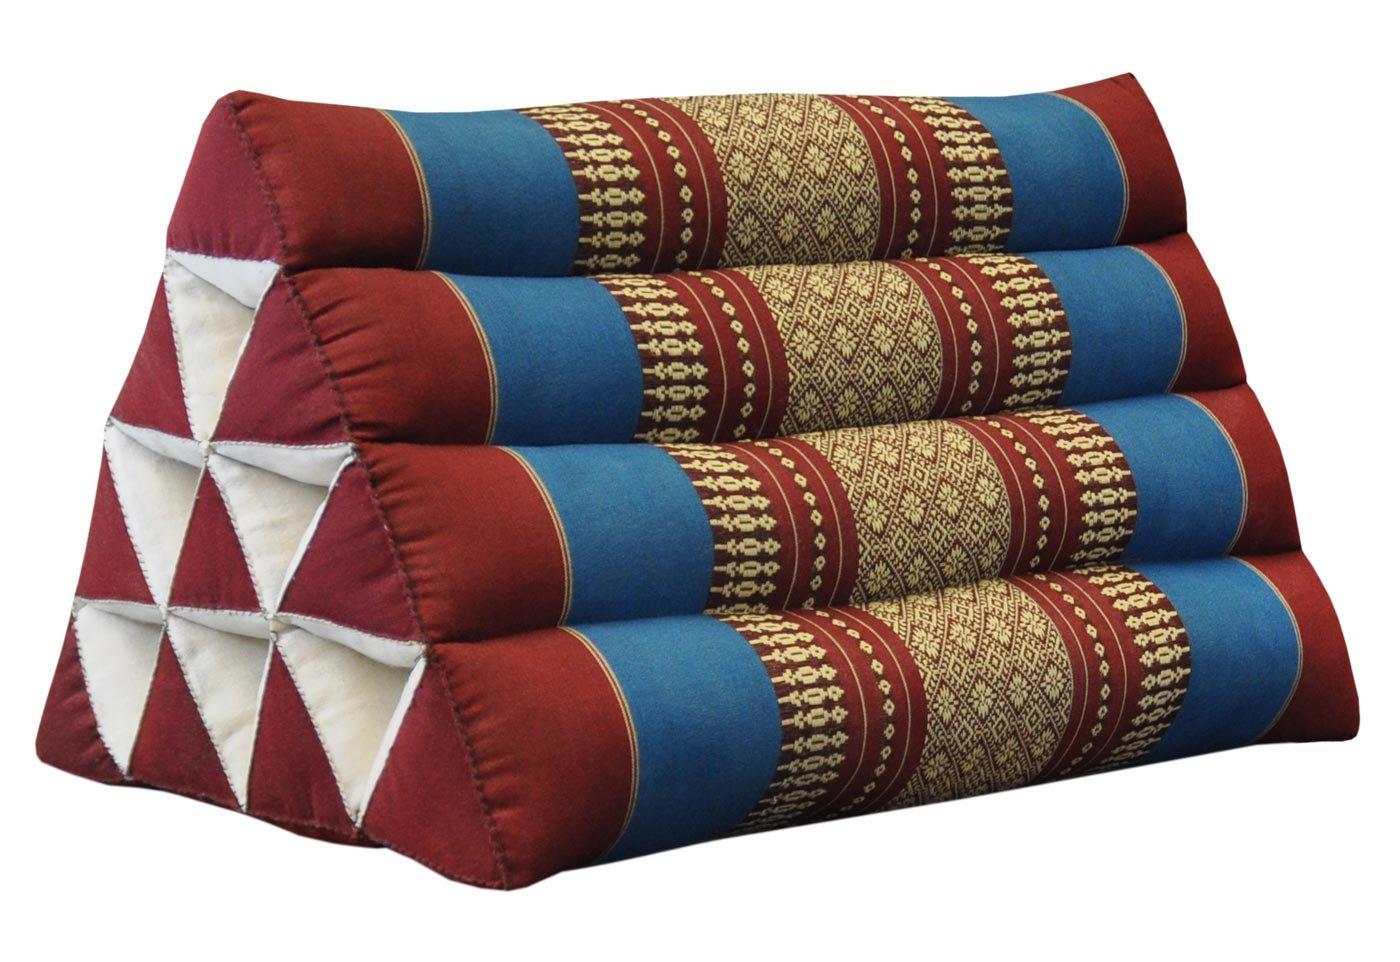 Thai triangular cushion, red/blue, relaxation, beach, kapok, made in Thailand. (81200)